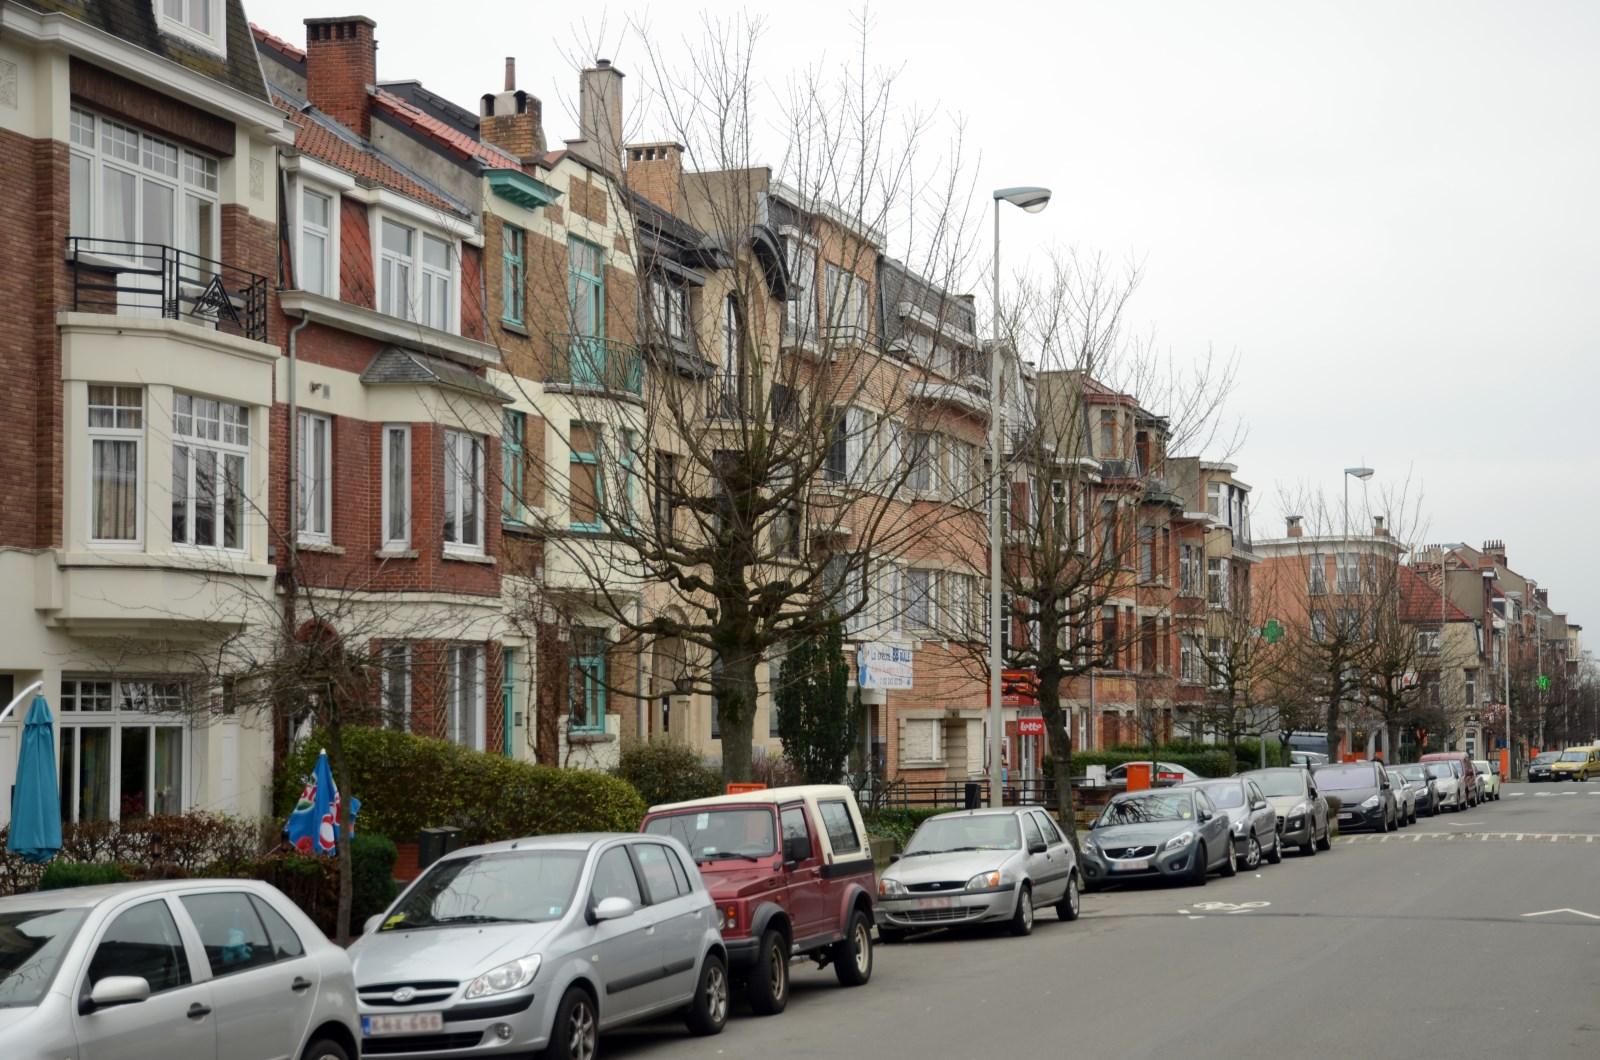 Gustave Latinislaan, eerste twee straatdelen aan onpare zijde, 2012